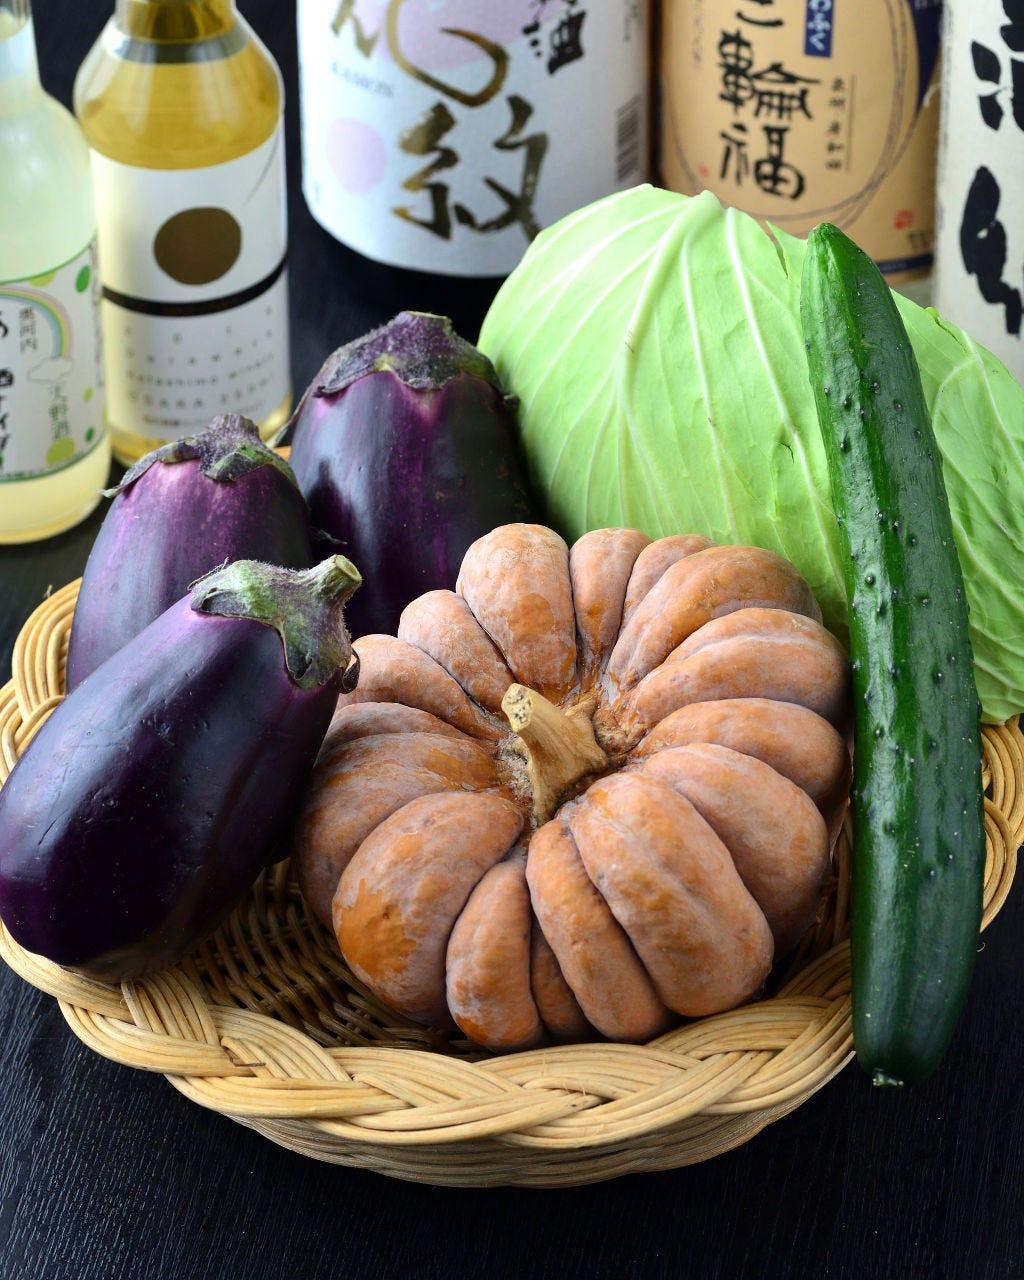 旬の大阪産(もん)野菜